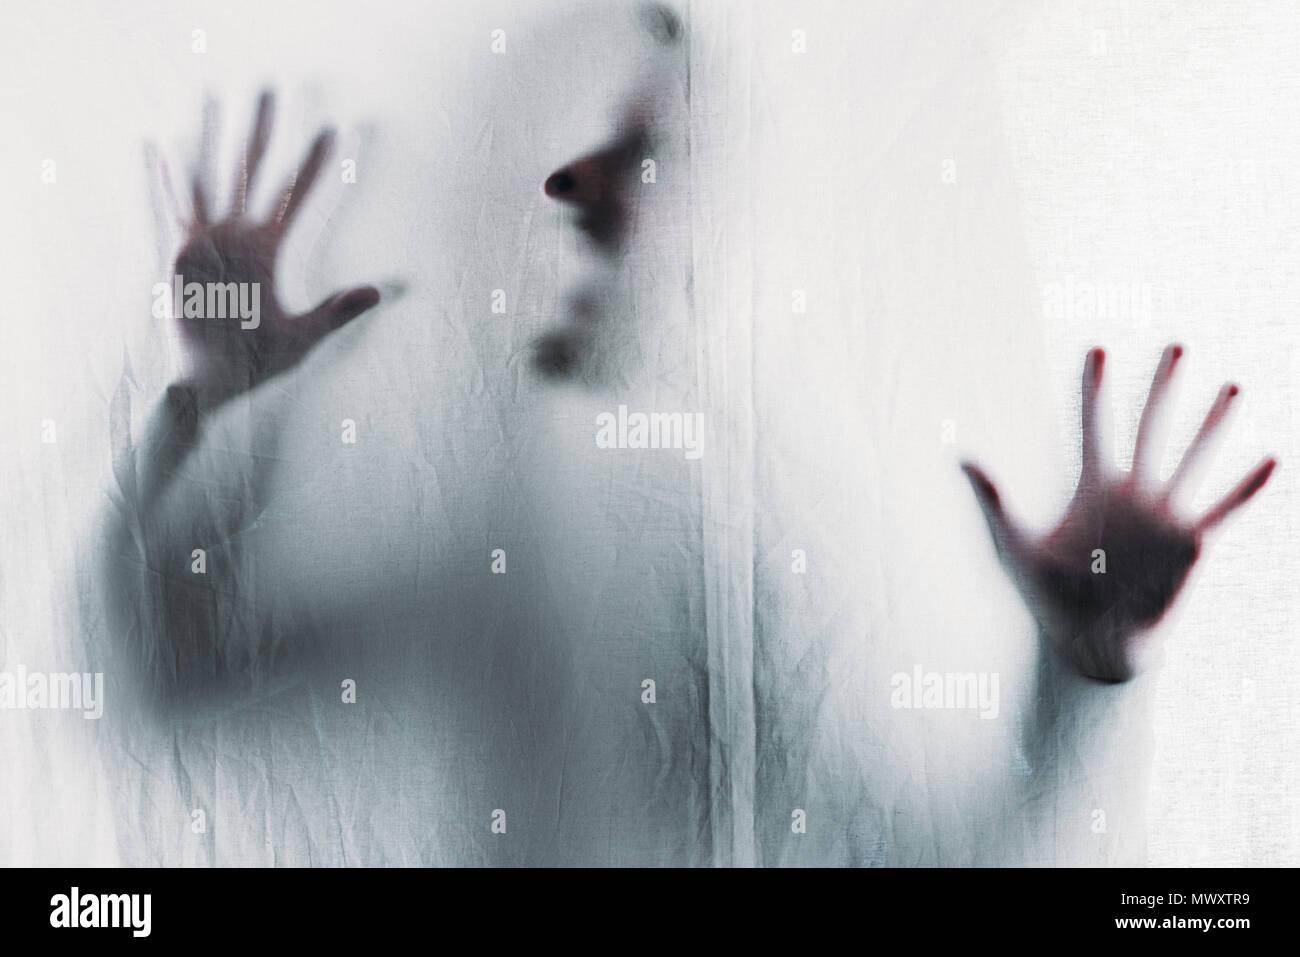 Beängstigend unscharfe Silhouette der unkenntlich Person hinter dem Schleier schreien Stockfoto